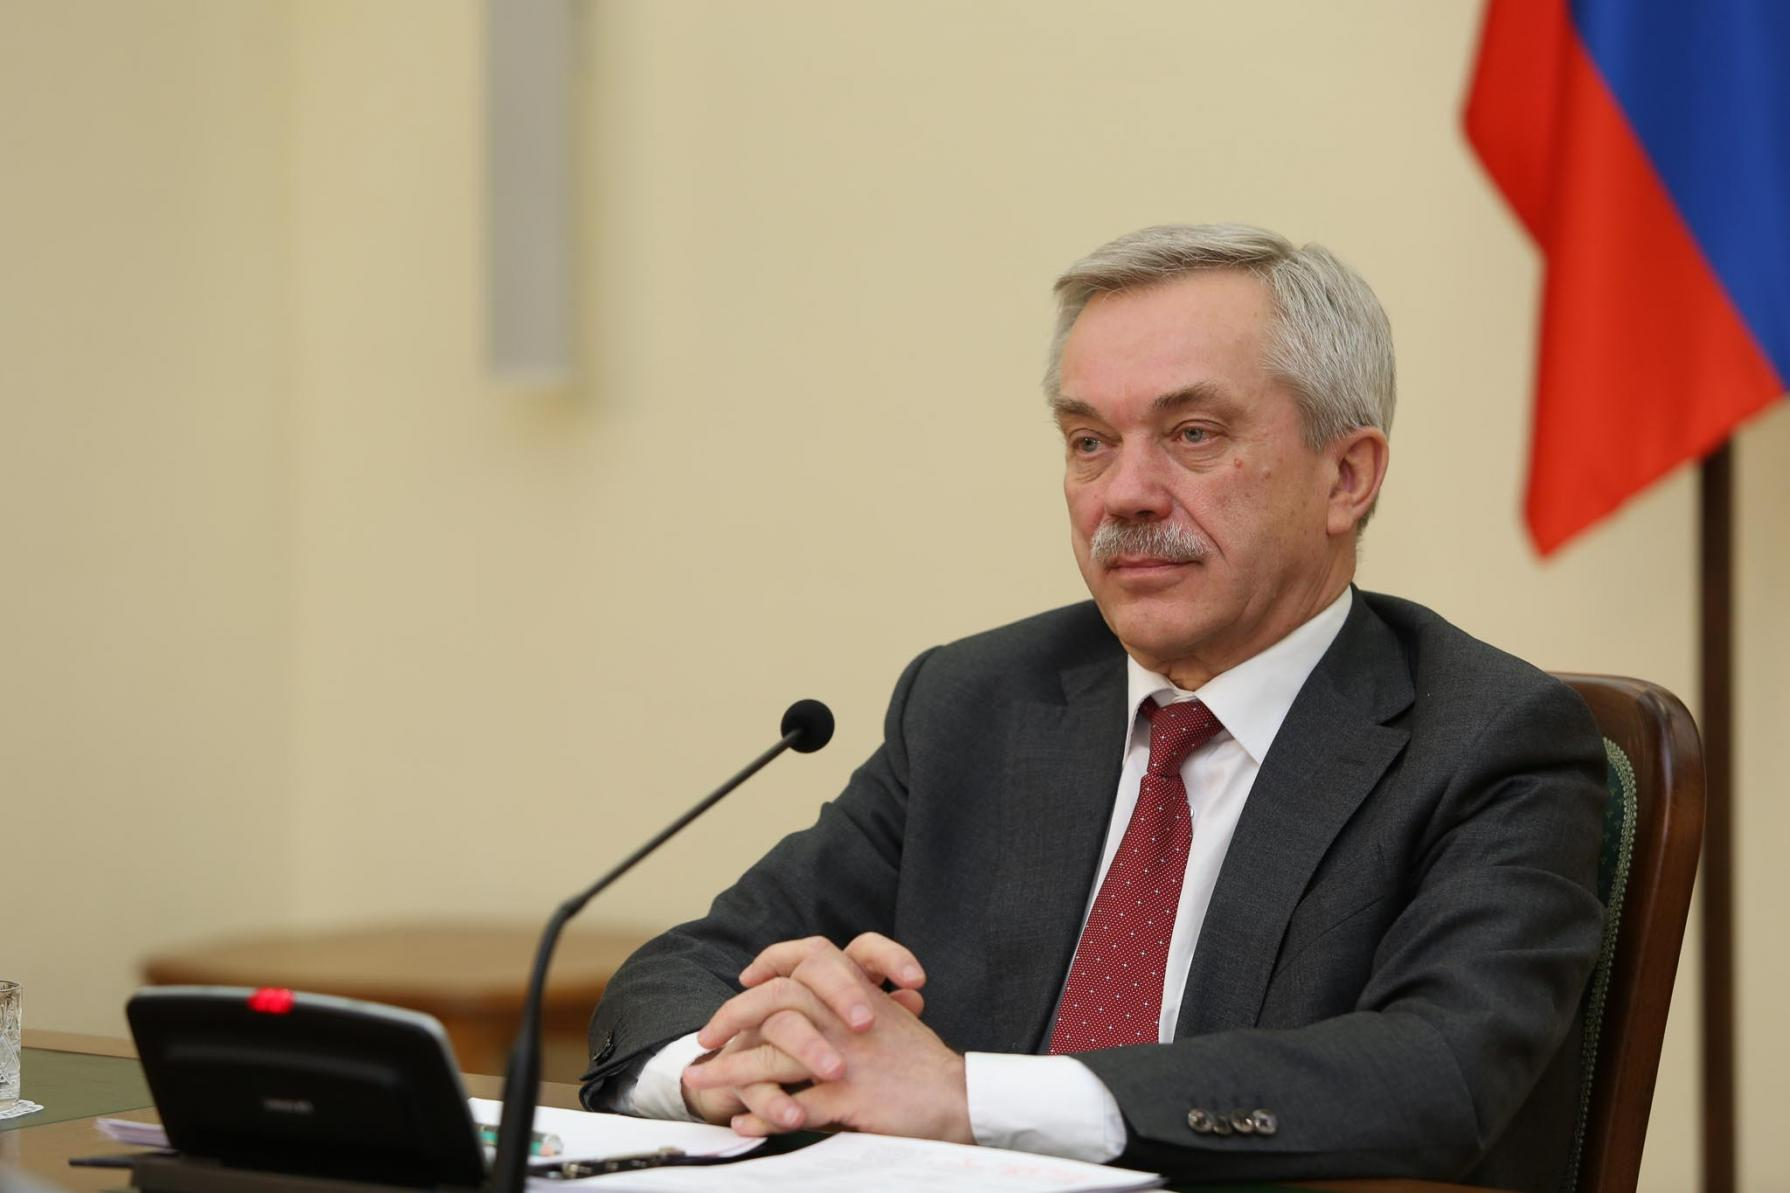 Дмитрий Кобылкин— на2-м месте в общенациональном рейтинге глав регионов